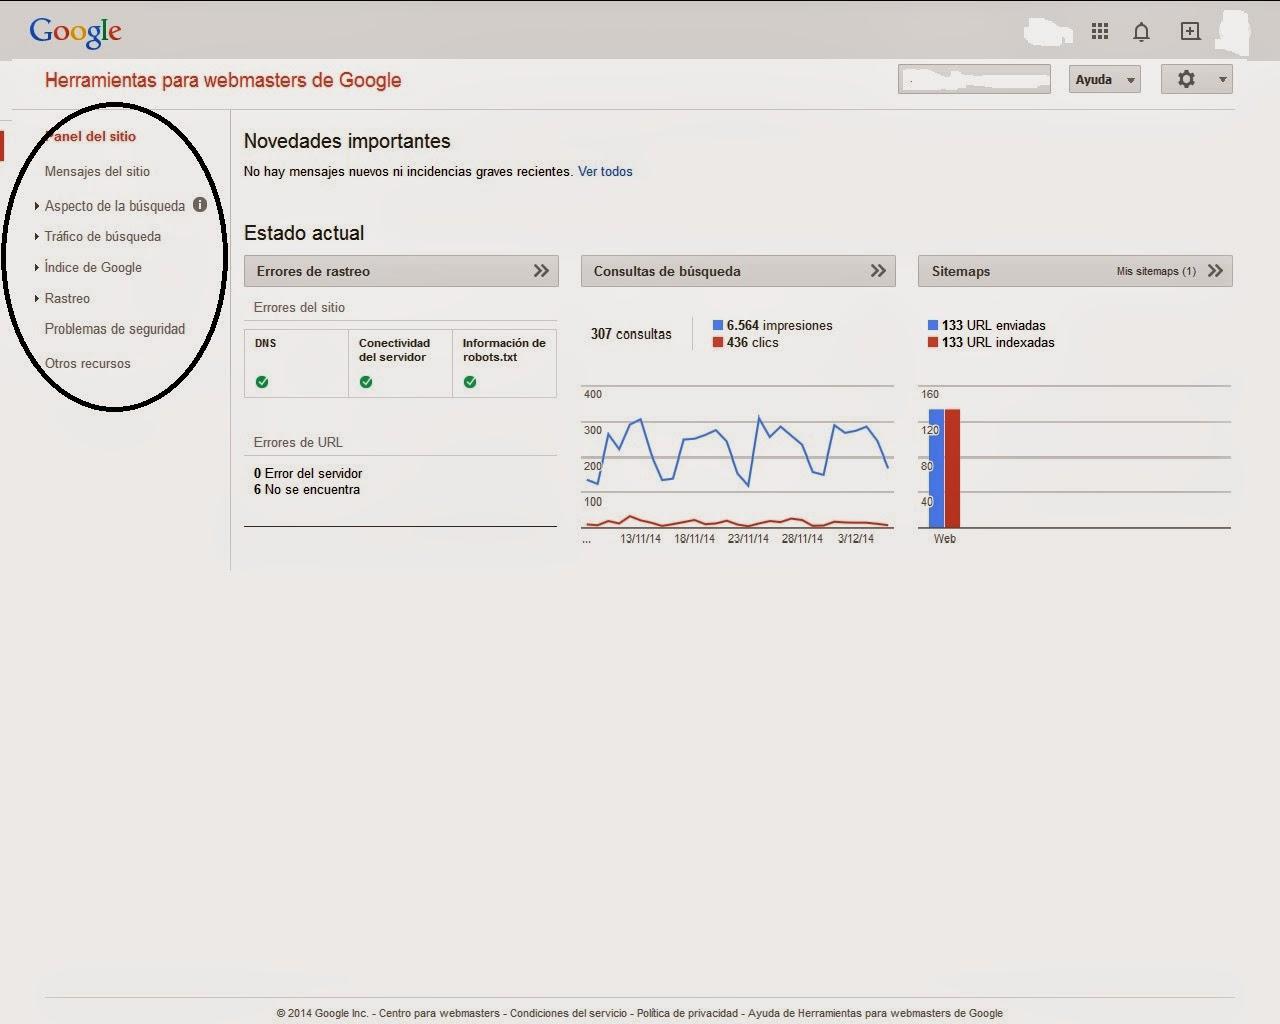 Muestra la información general sobre el funcionamiento de la Web de acuerdo a Google Search Console